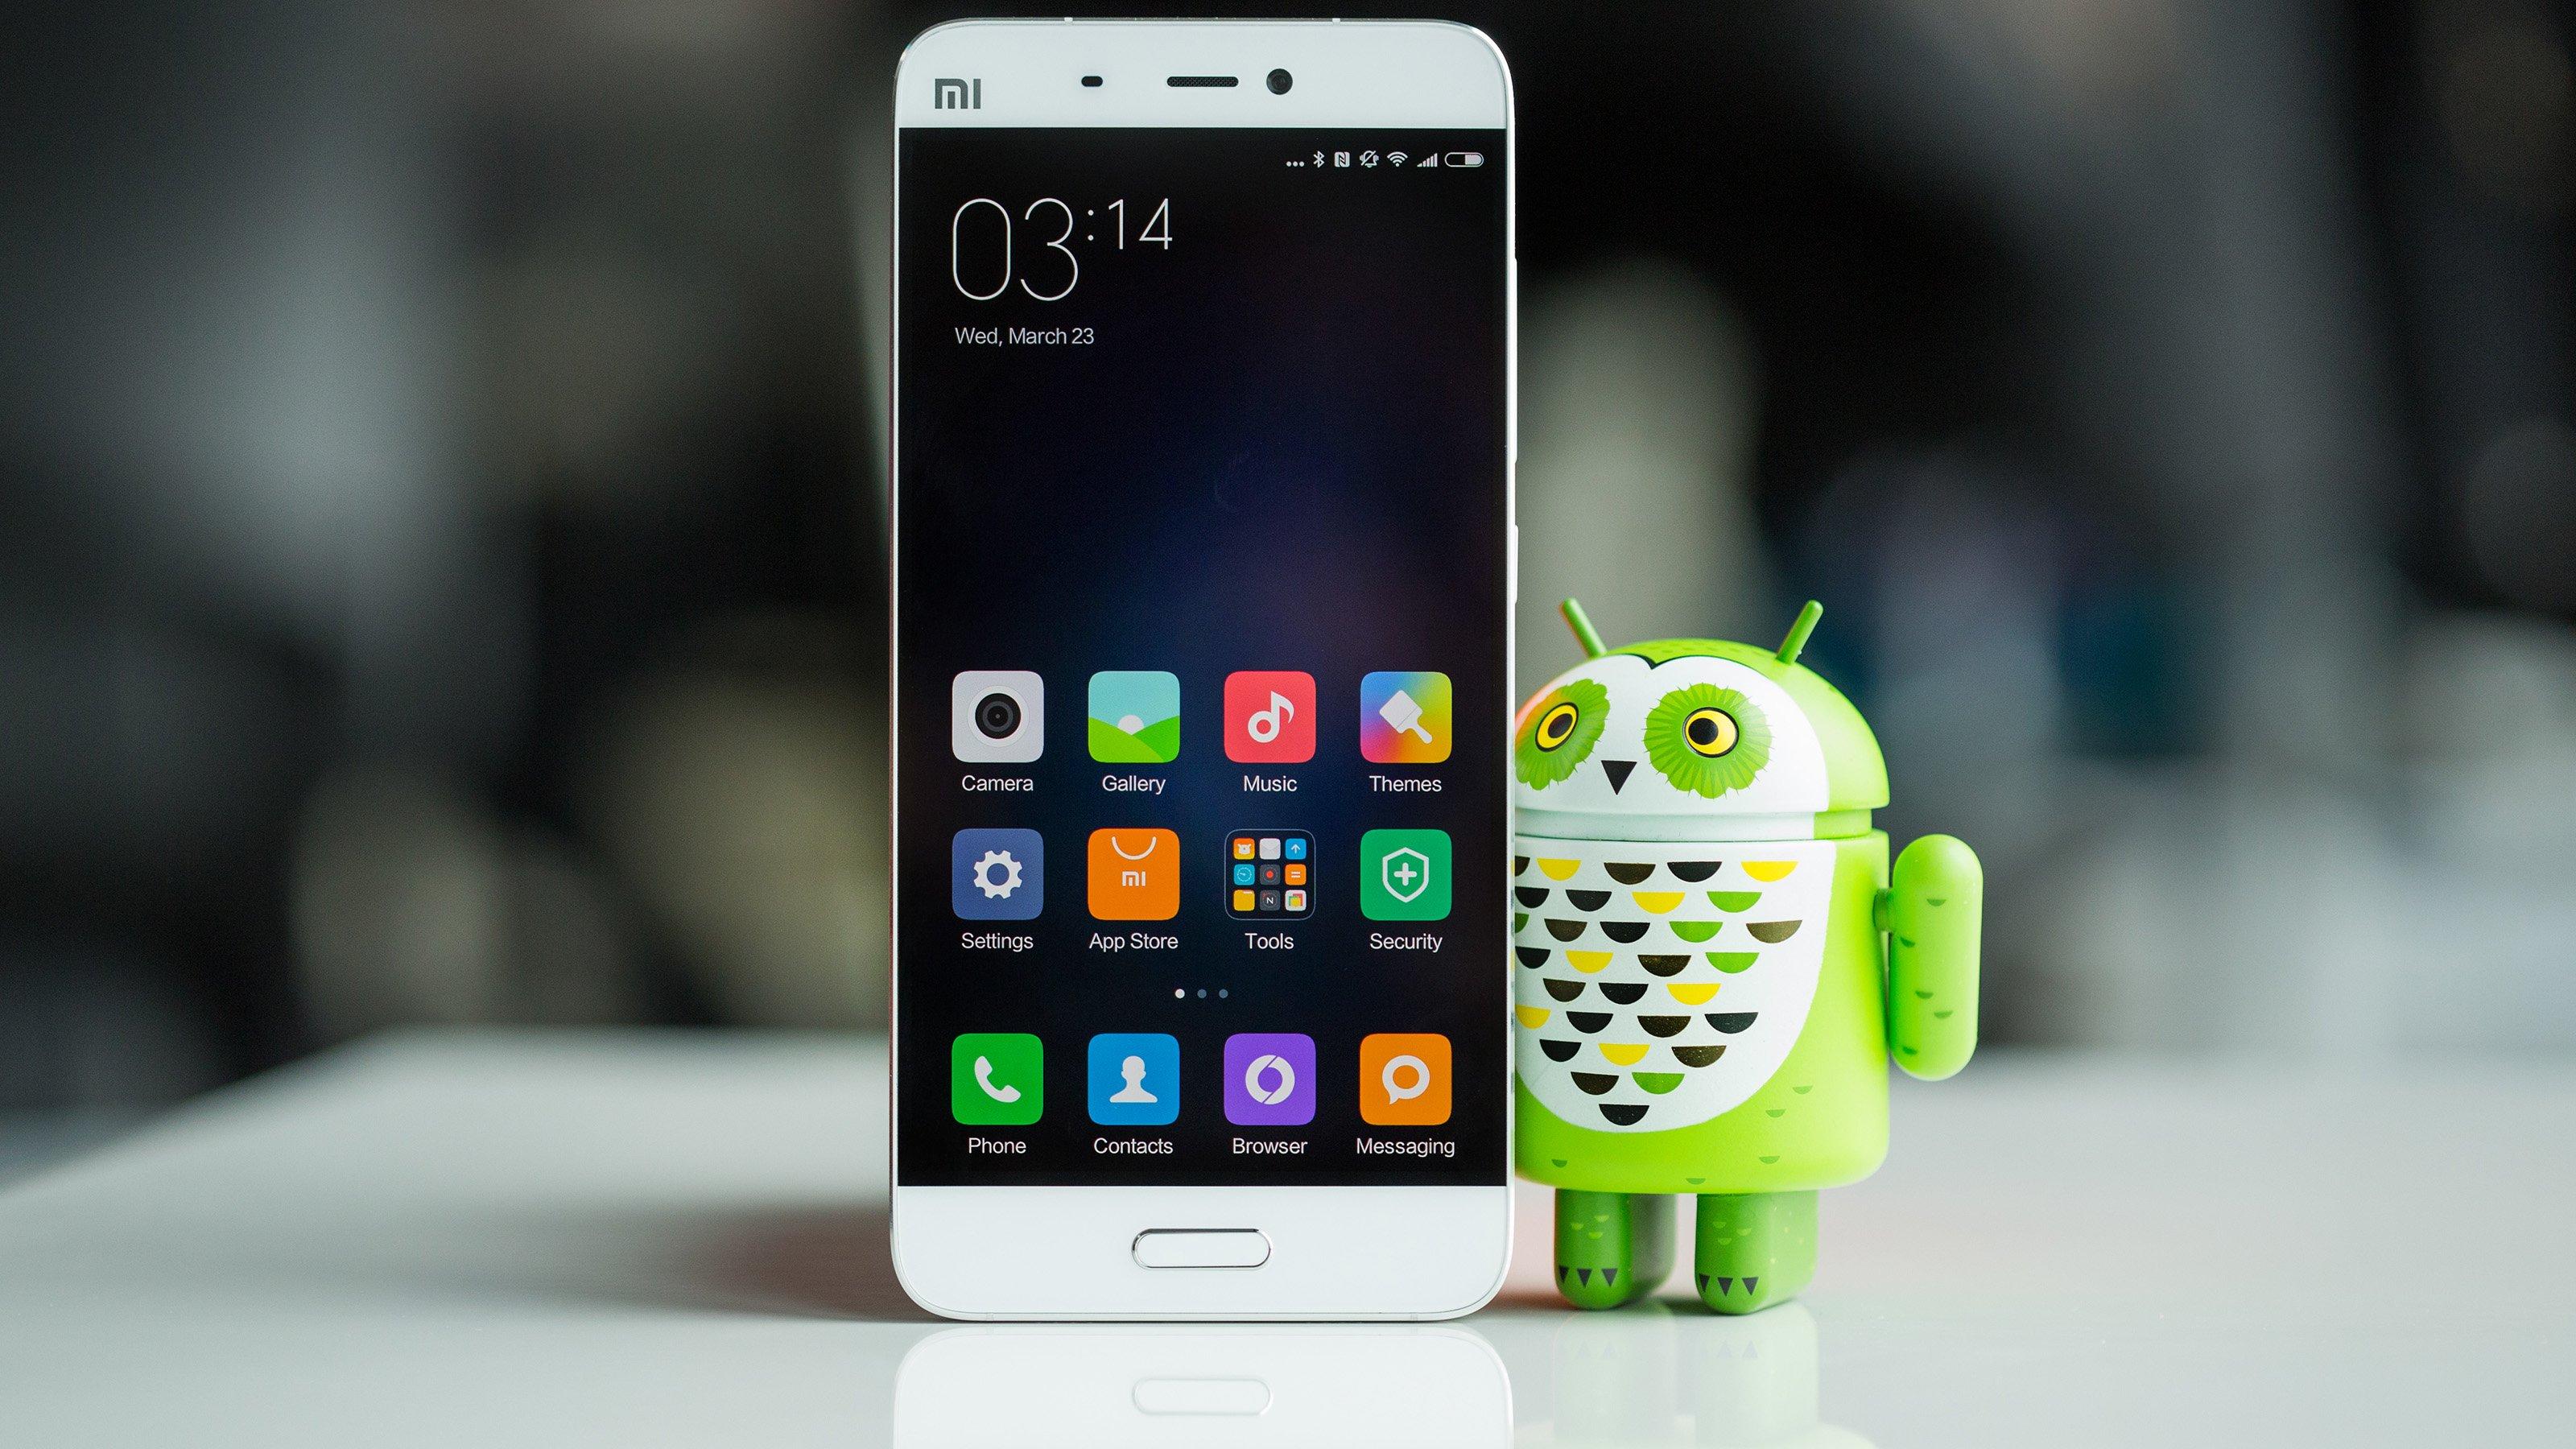 Mab приложение андроид xiaomi что это такое